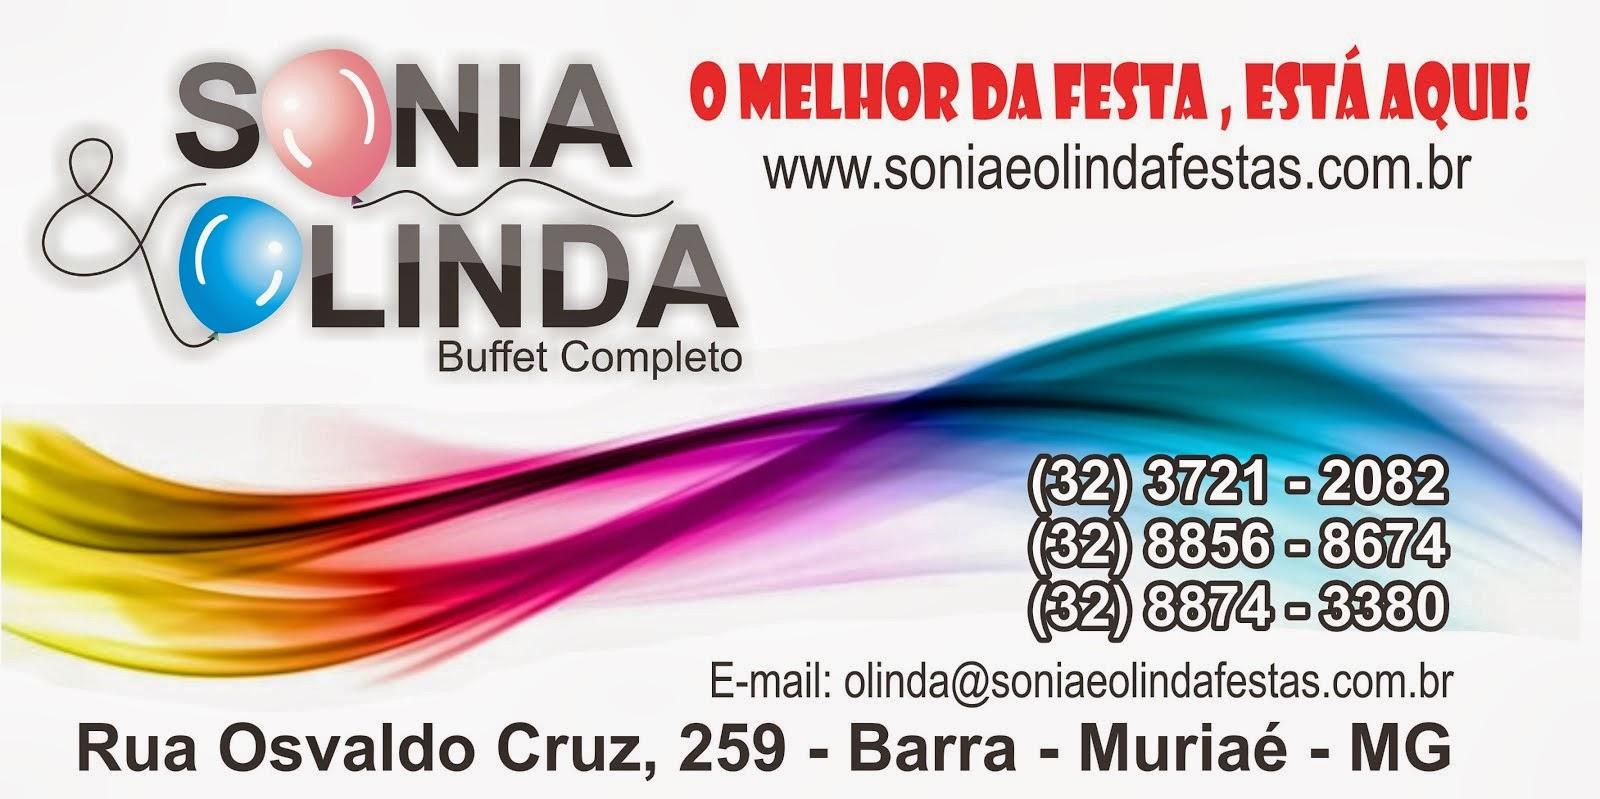 SONIA & OLINDA